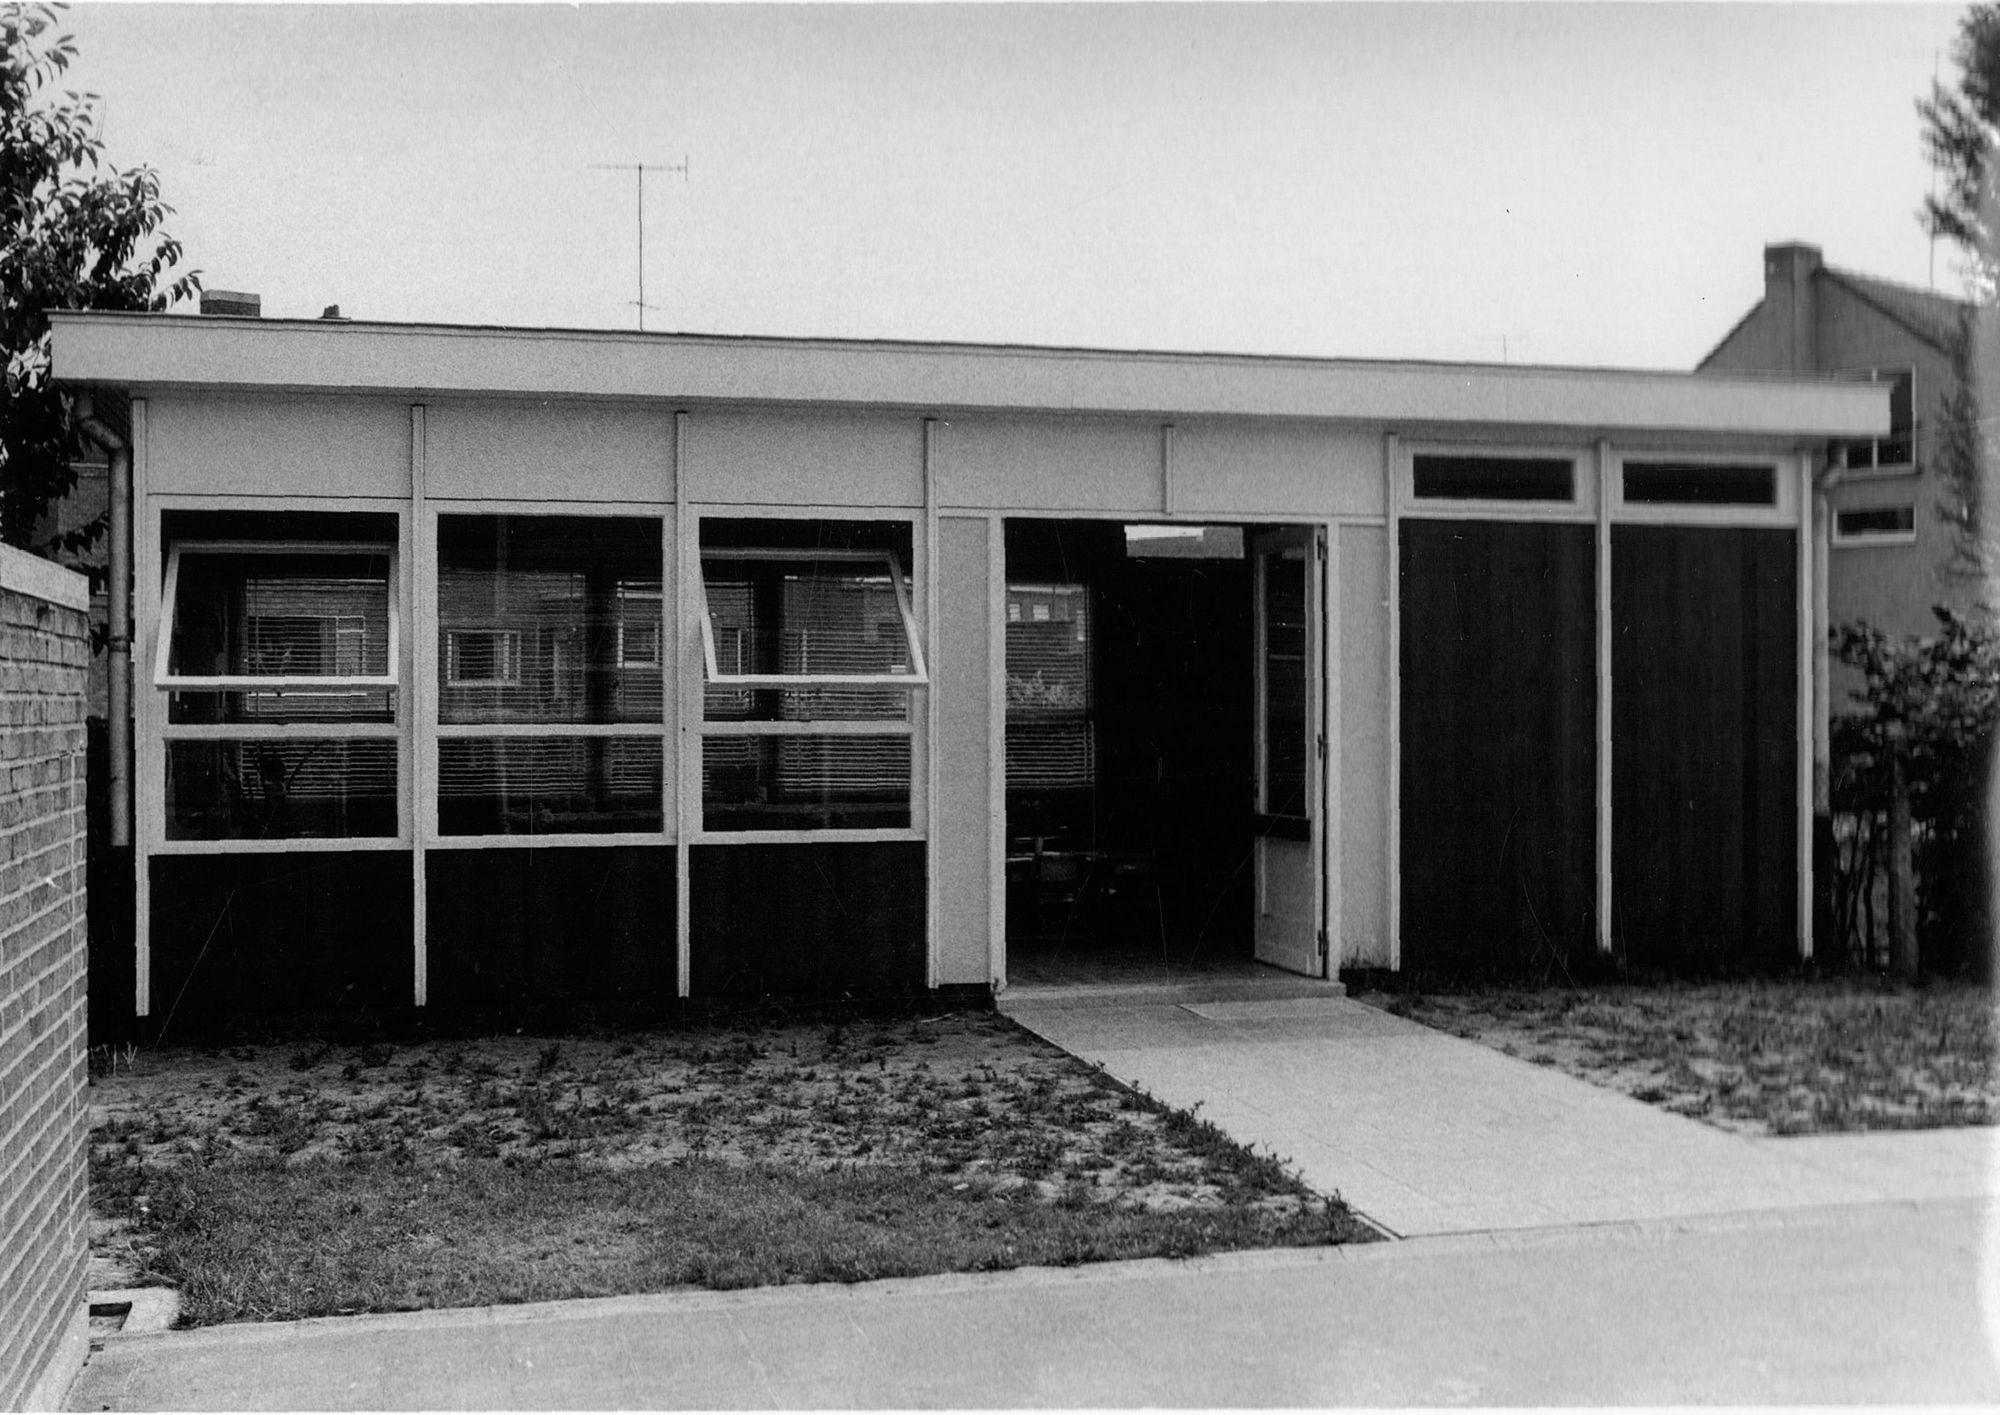 kleuterschool Blauwe poort 1967